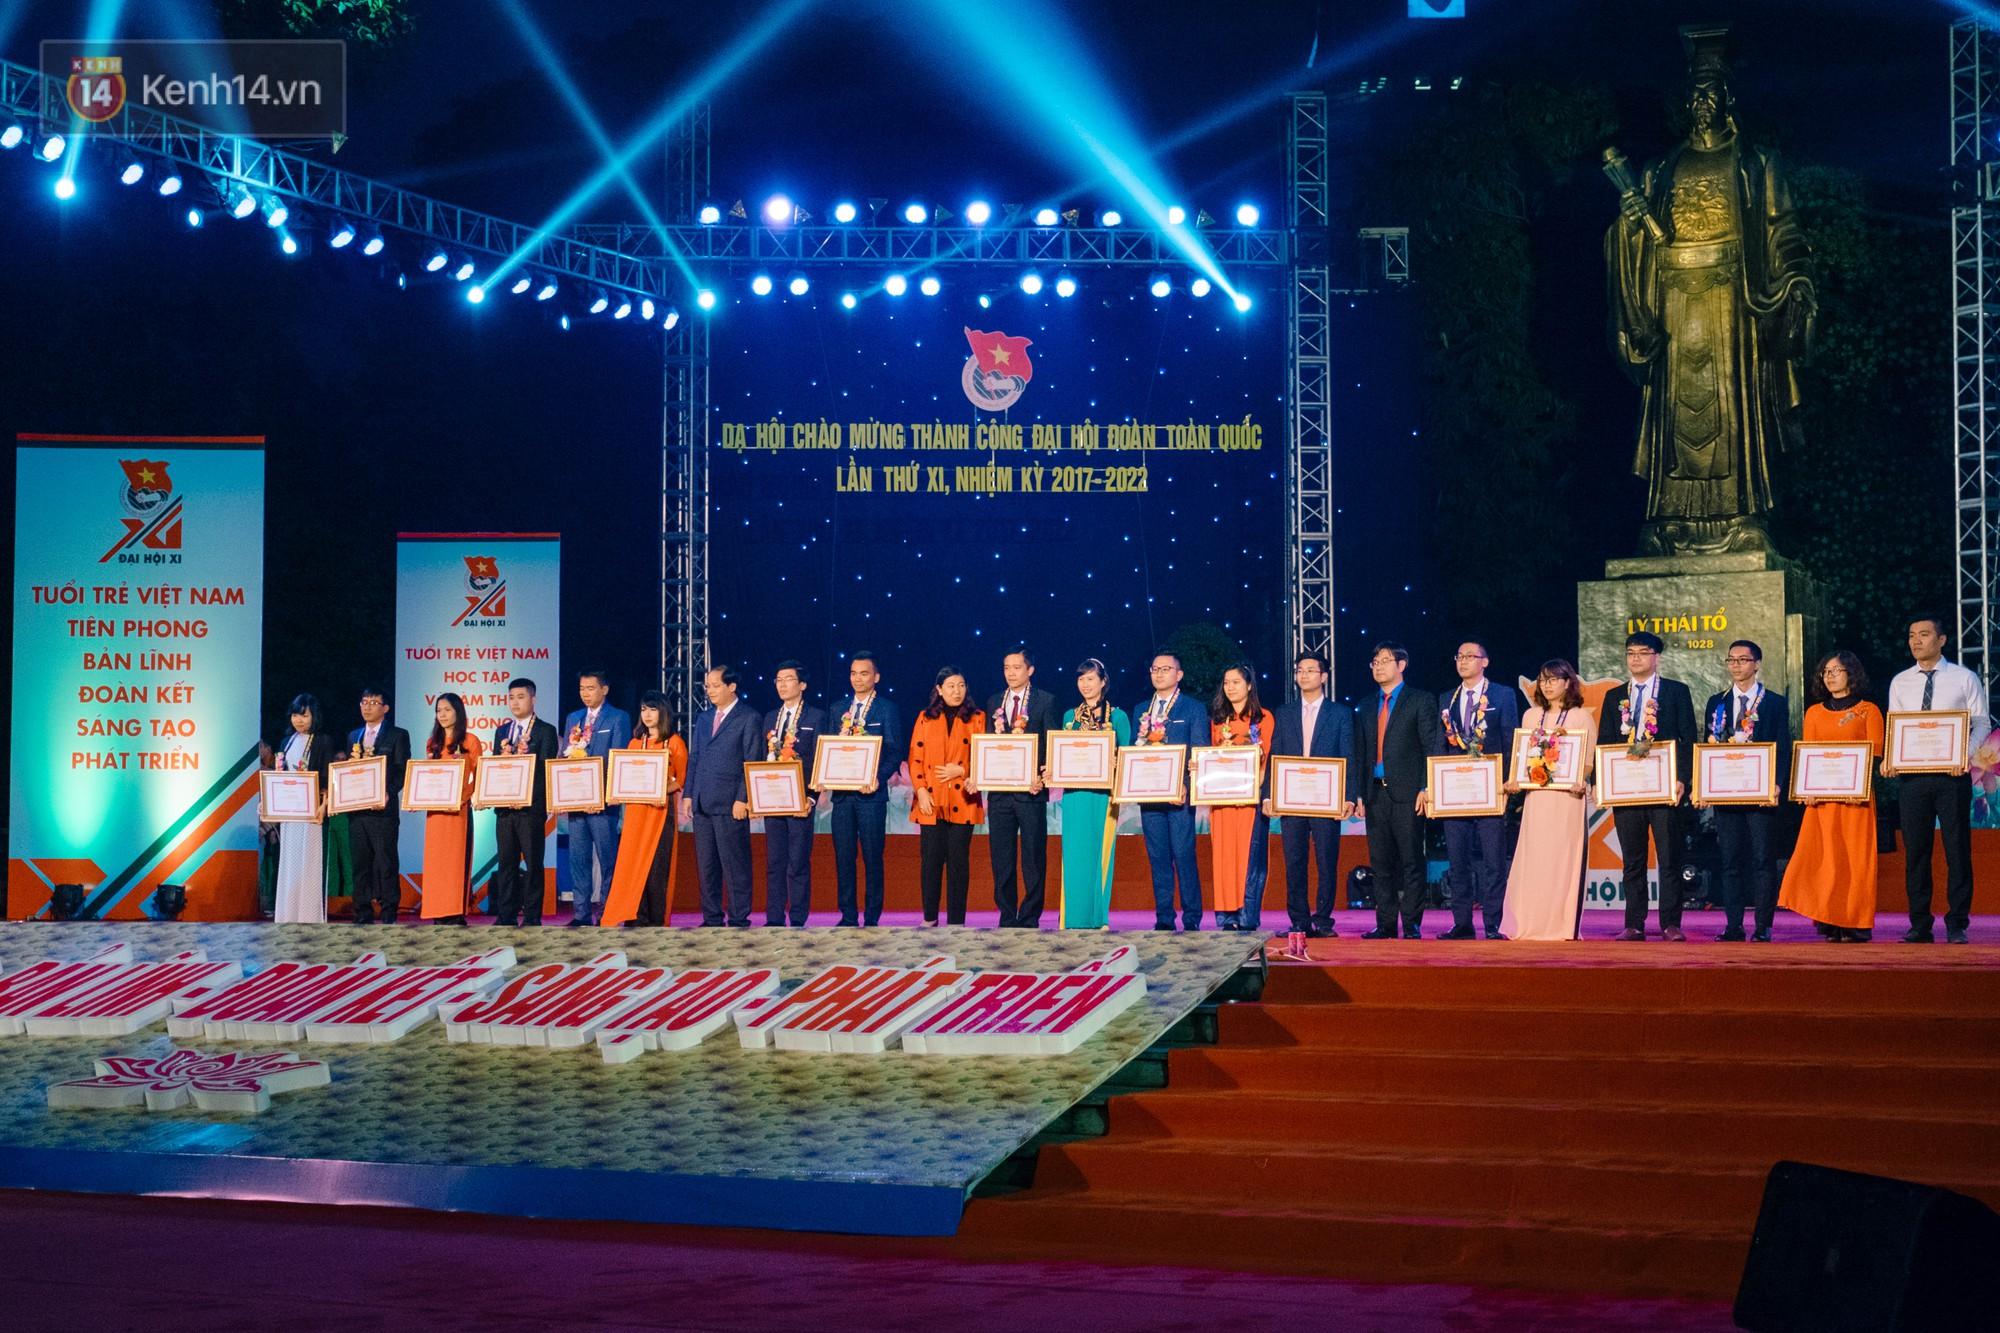 Dạ hội chào mừng thành công Đại hội Đoàn toàn quốc với màn hợp xướng 50 SV cực hoành tráng - Ảnh 4.